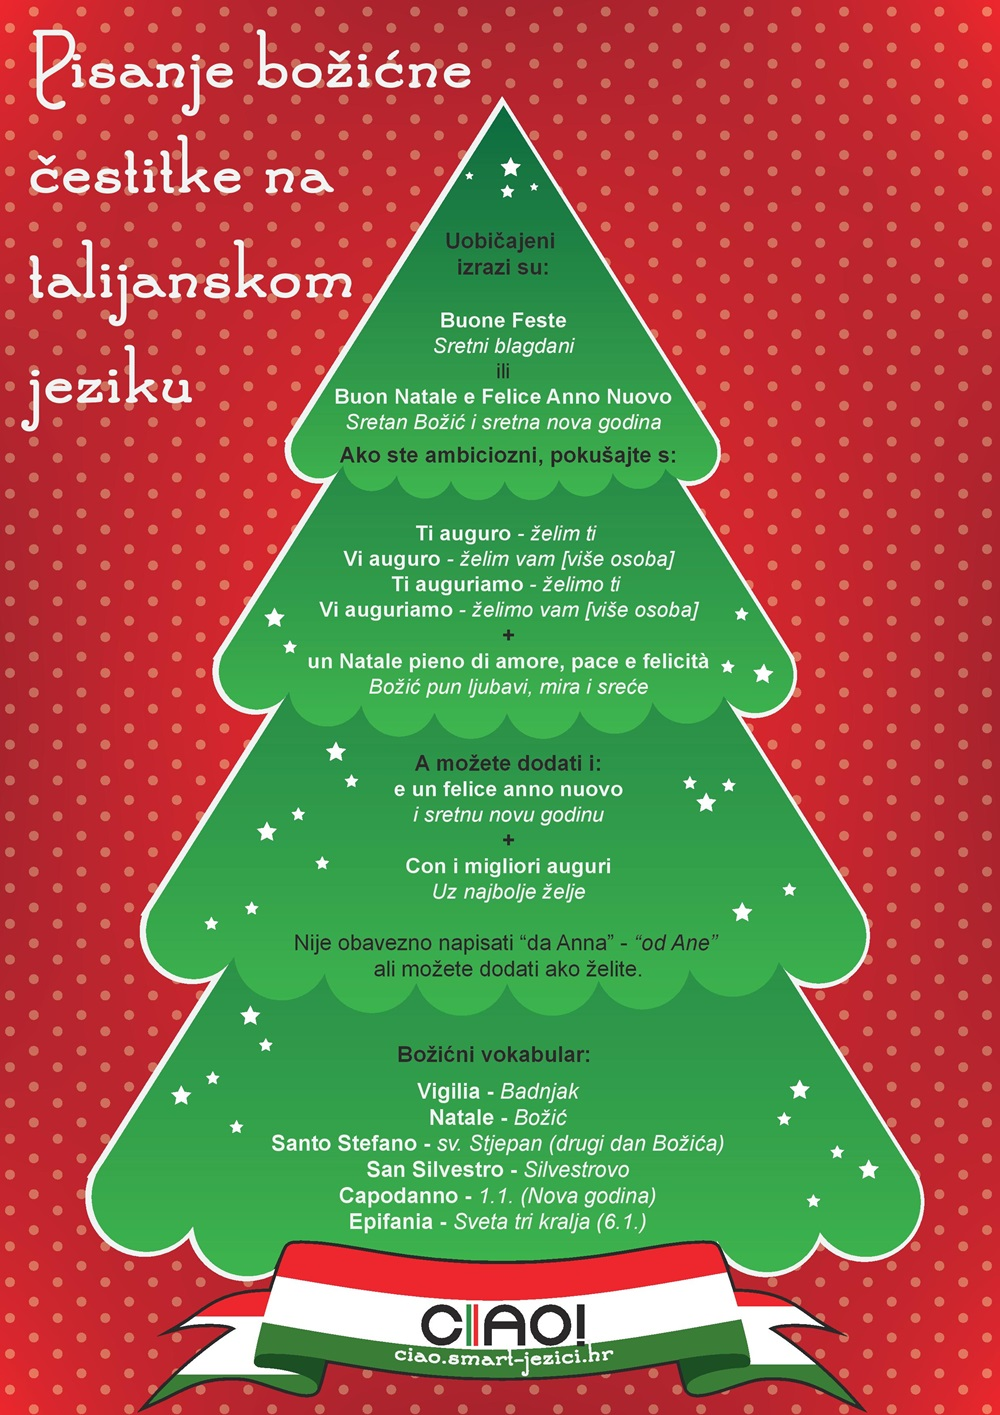 Vodič kako napisati božićnu čestitku na Talijanskom